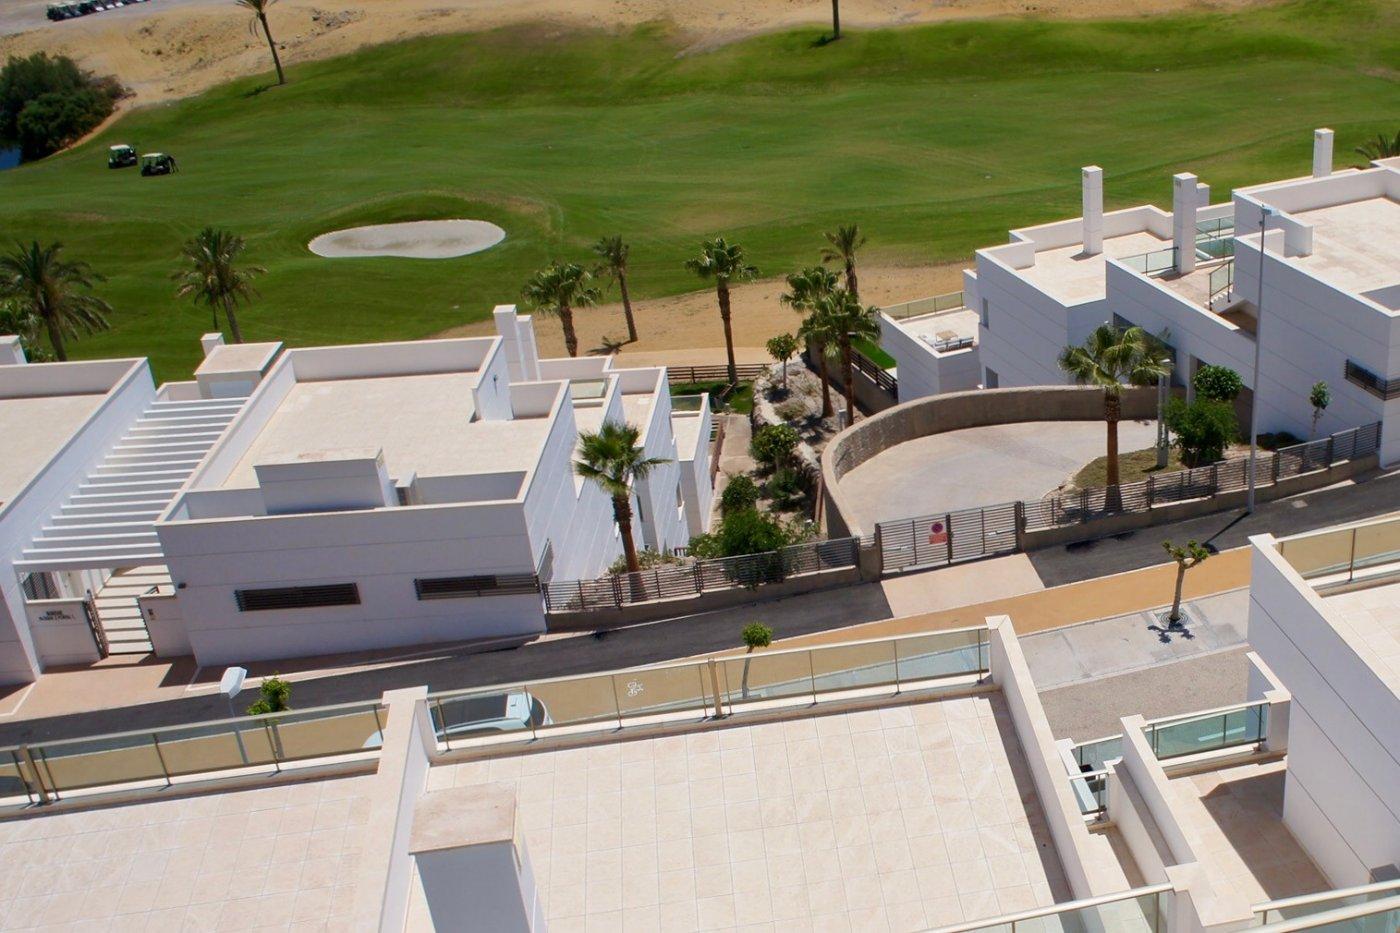 Galleribillede 6 of Sydvendt 3 værelses, 2 bad lejlighed med panorama udsigt og 83 m2 tagterrasse